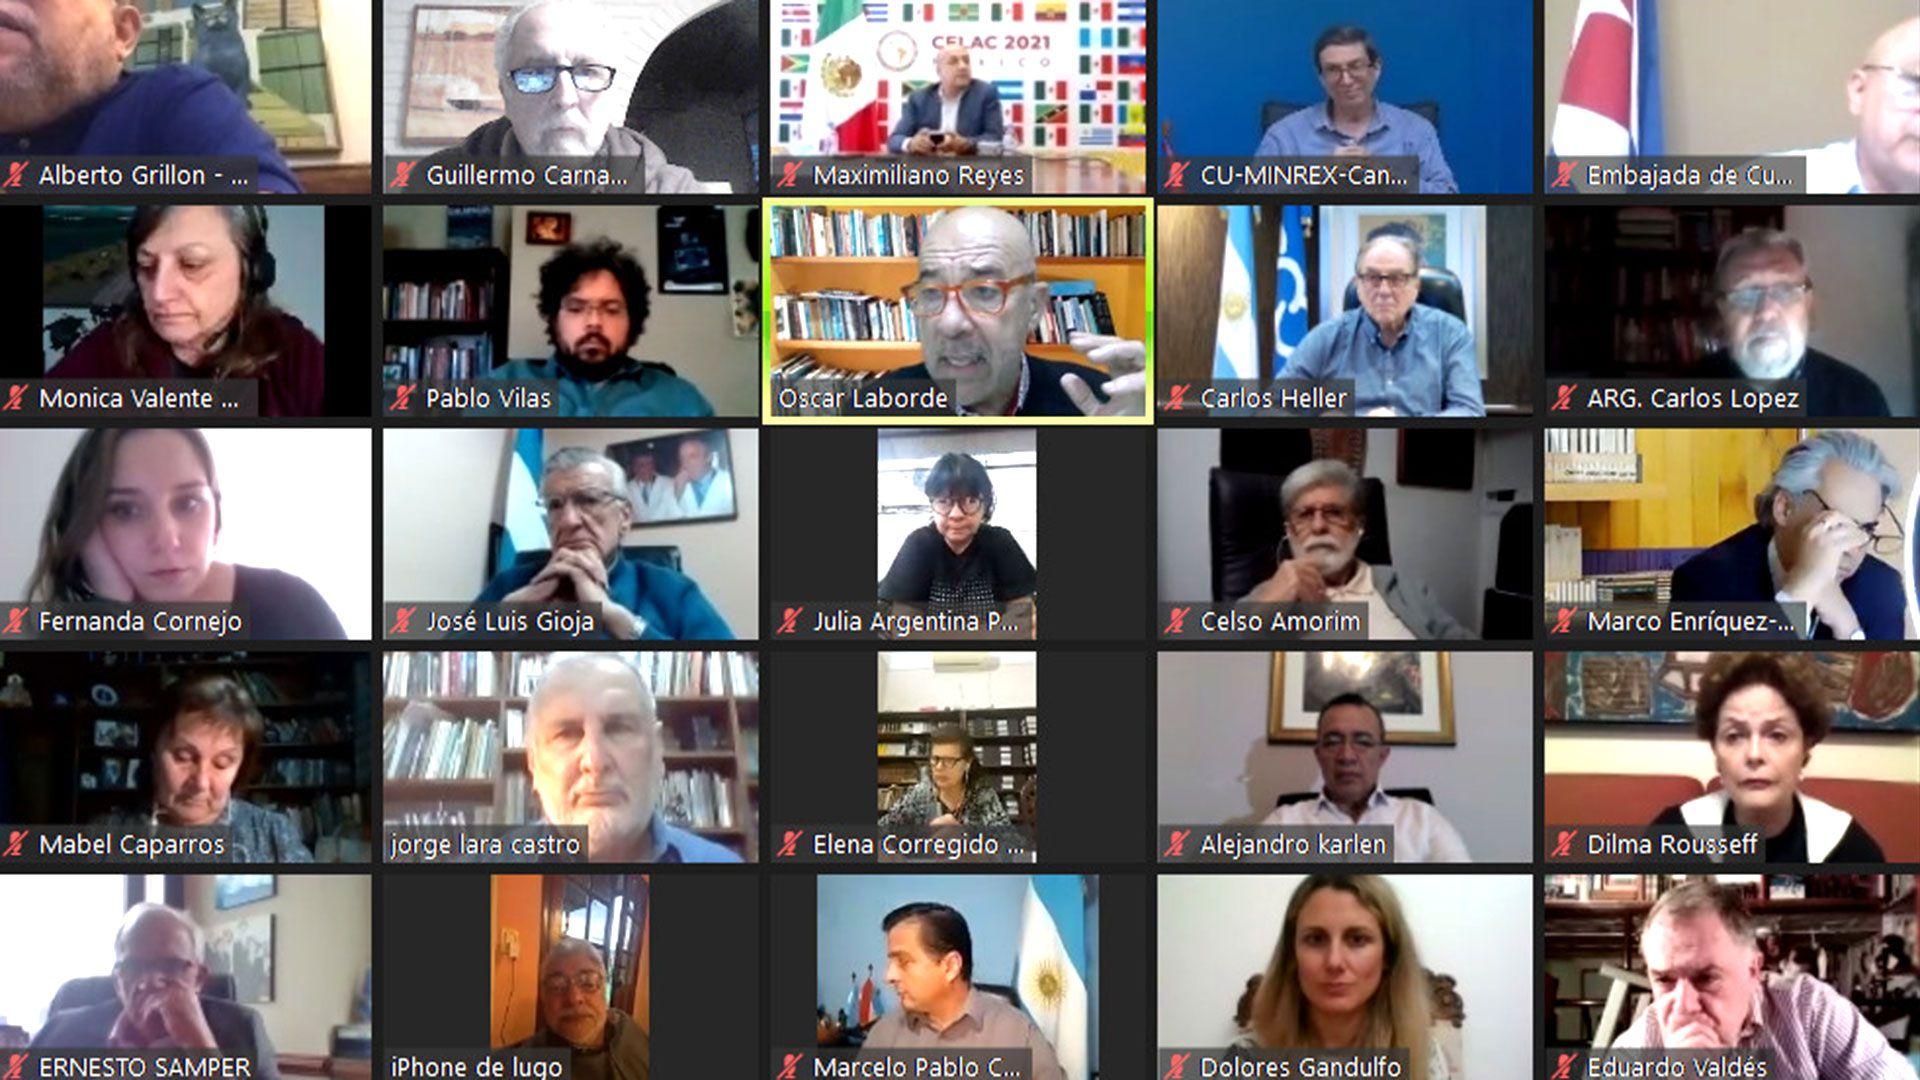 Politicos latinoamericanos expresan respaldo al regimen cubano